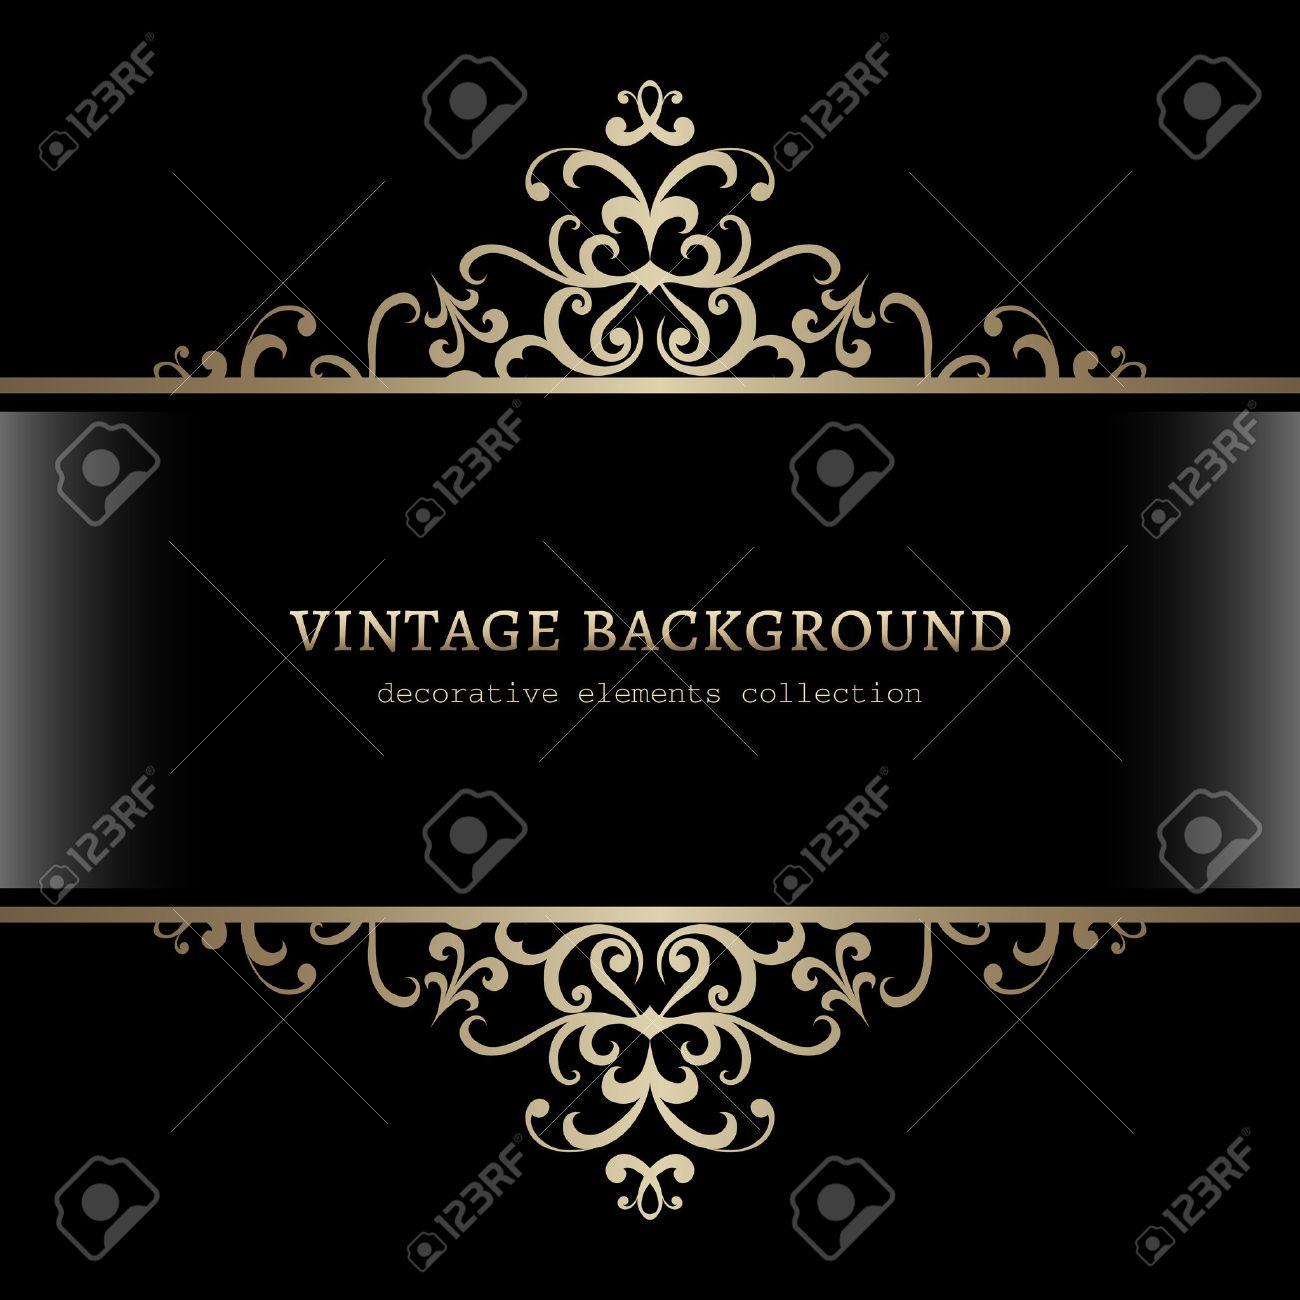 Vintage gold decoration on black background, divider, header, ornamental frame - 42847580